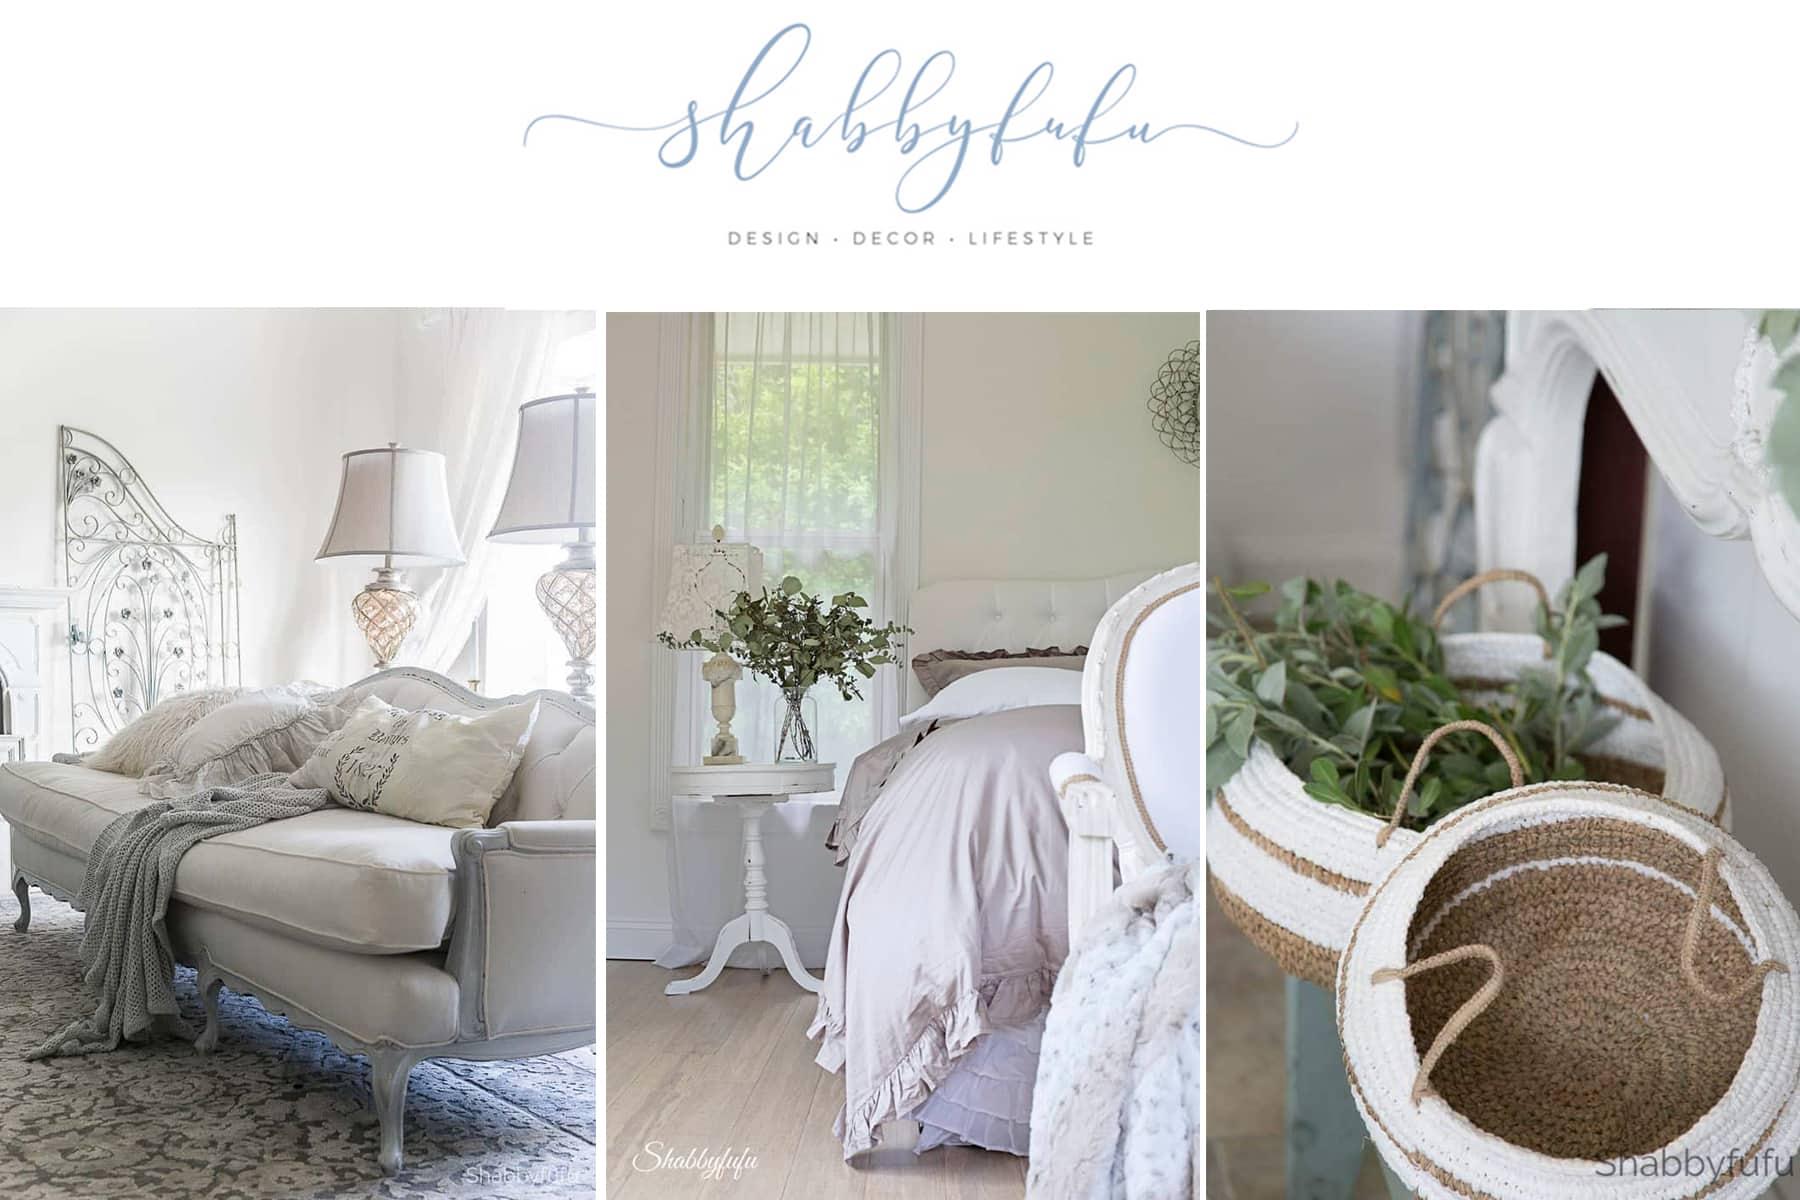 Style Showcase Shabbyfufu 59